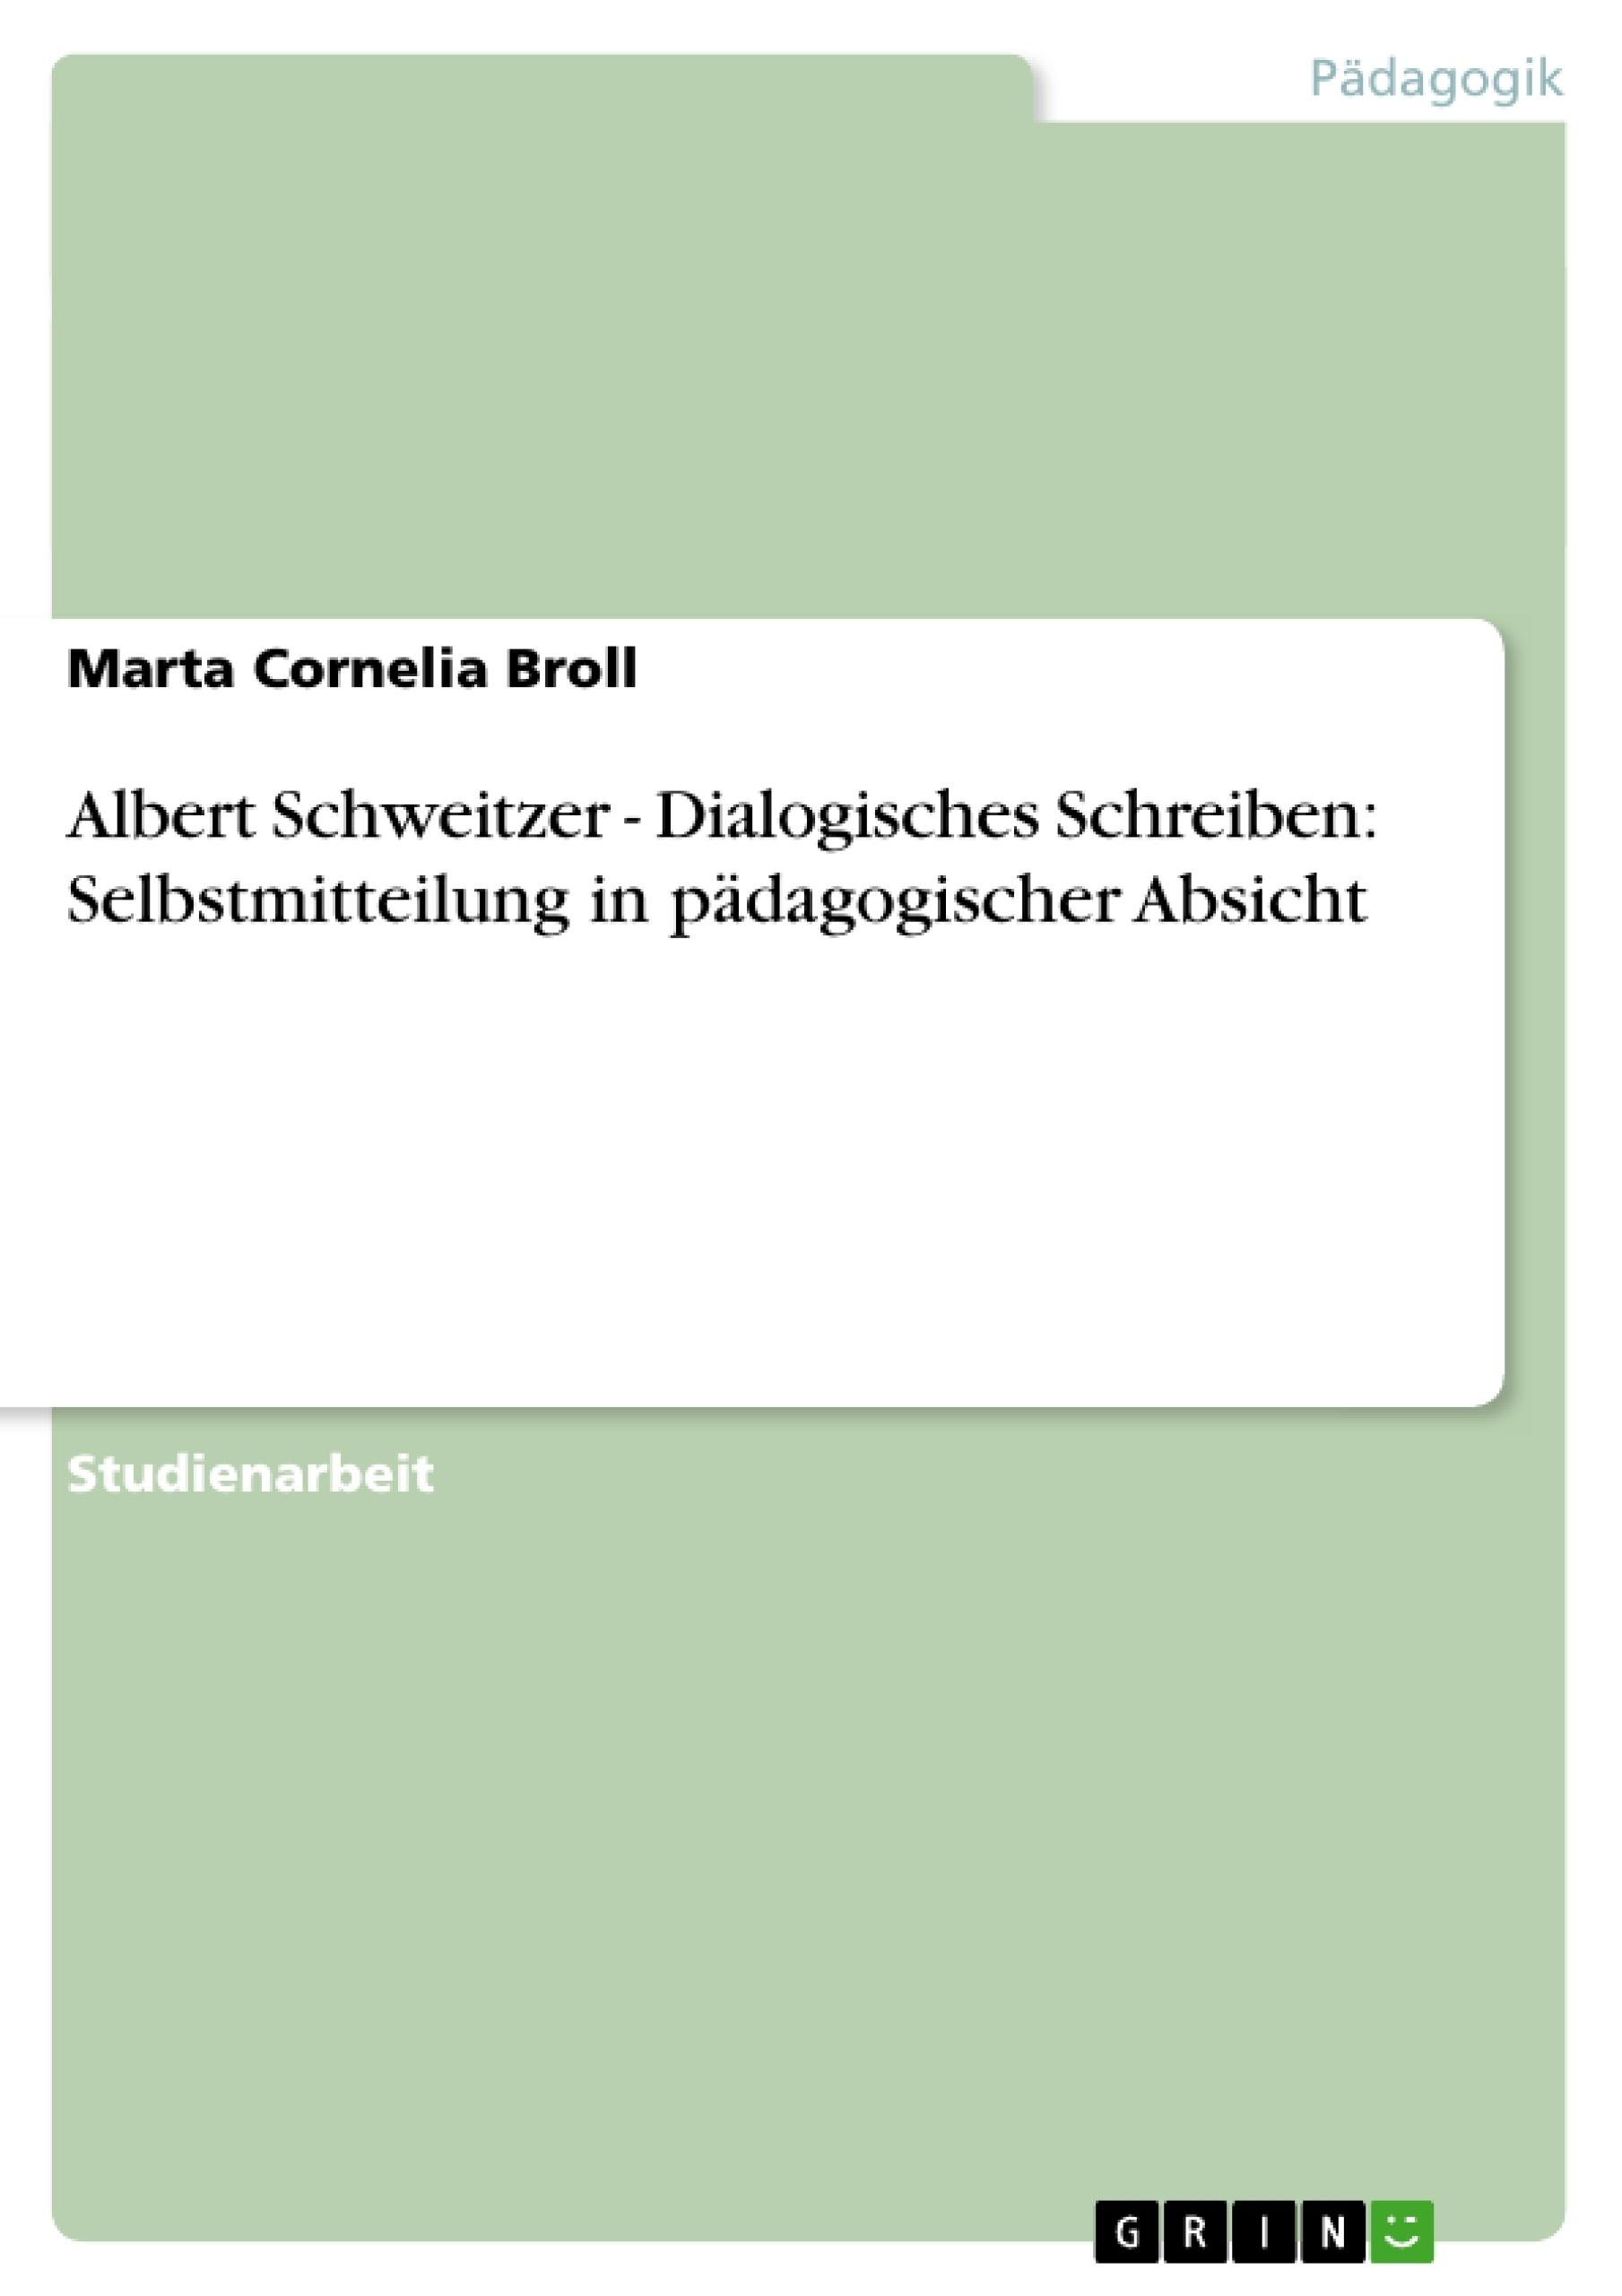 Titel: Albert Schweitzer - Dialogisches Schreiben: Selbstmitteilung in pädagogischer Absicht